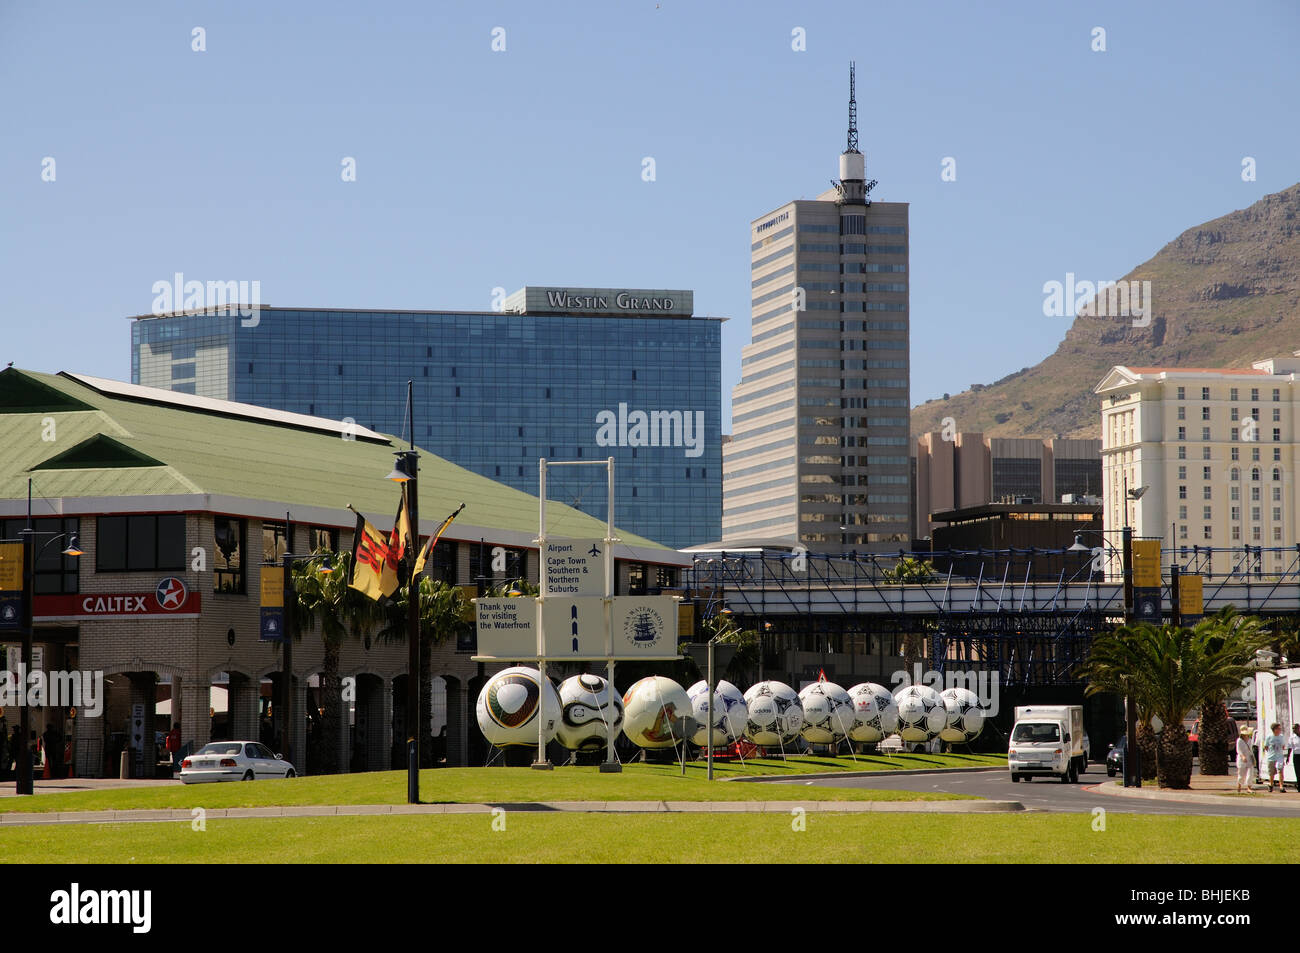 Cape Town Afrique du Sud World Cup 2010 lieu dans la ville de ballons de grand format représentant des sites de la Coupe du monde passé Banque D'Images